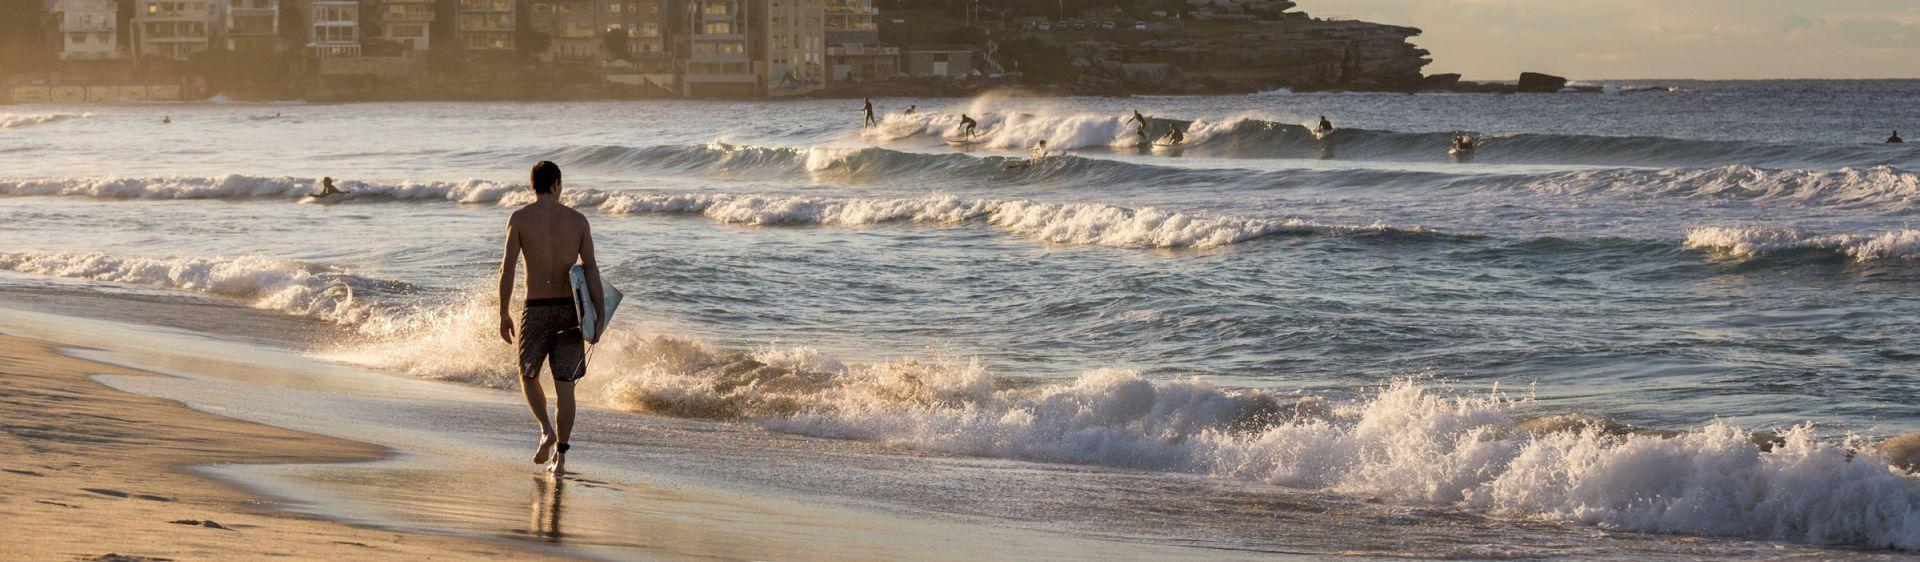 Sydney city to bondi beach